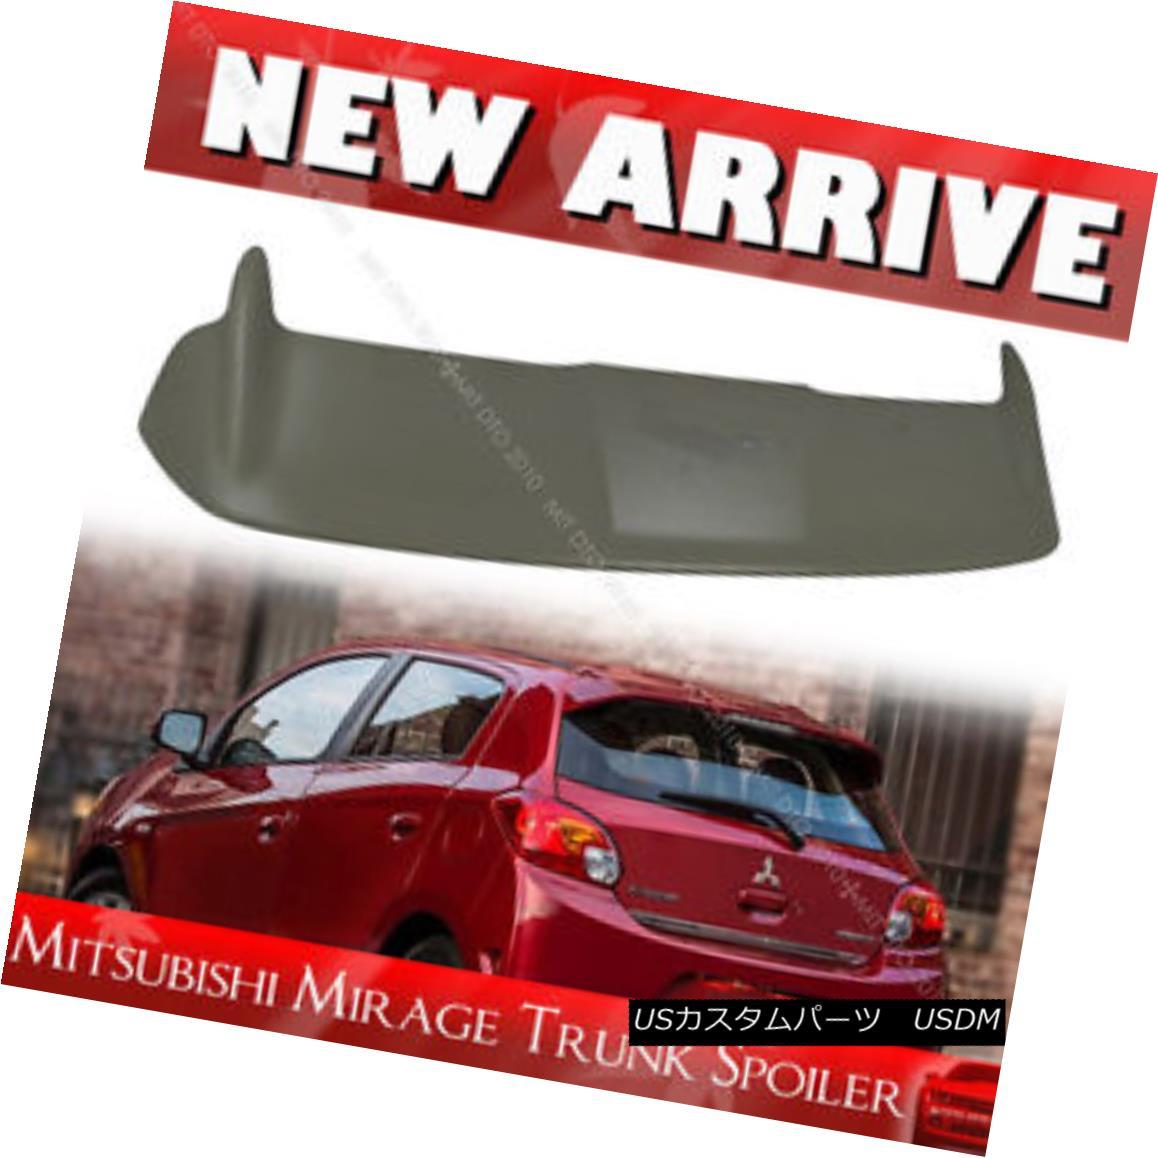 エアロパーツ 2011-2015 Unpainted For Mitsubishi Mirage Hatchback OE Look Rear Trunk Spoiler 2011-2015未塗装三菱ミラージュハッチバックOEルックリアトランク・スポイラー